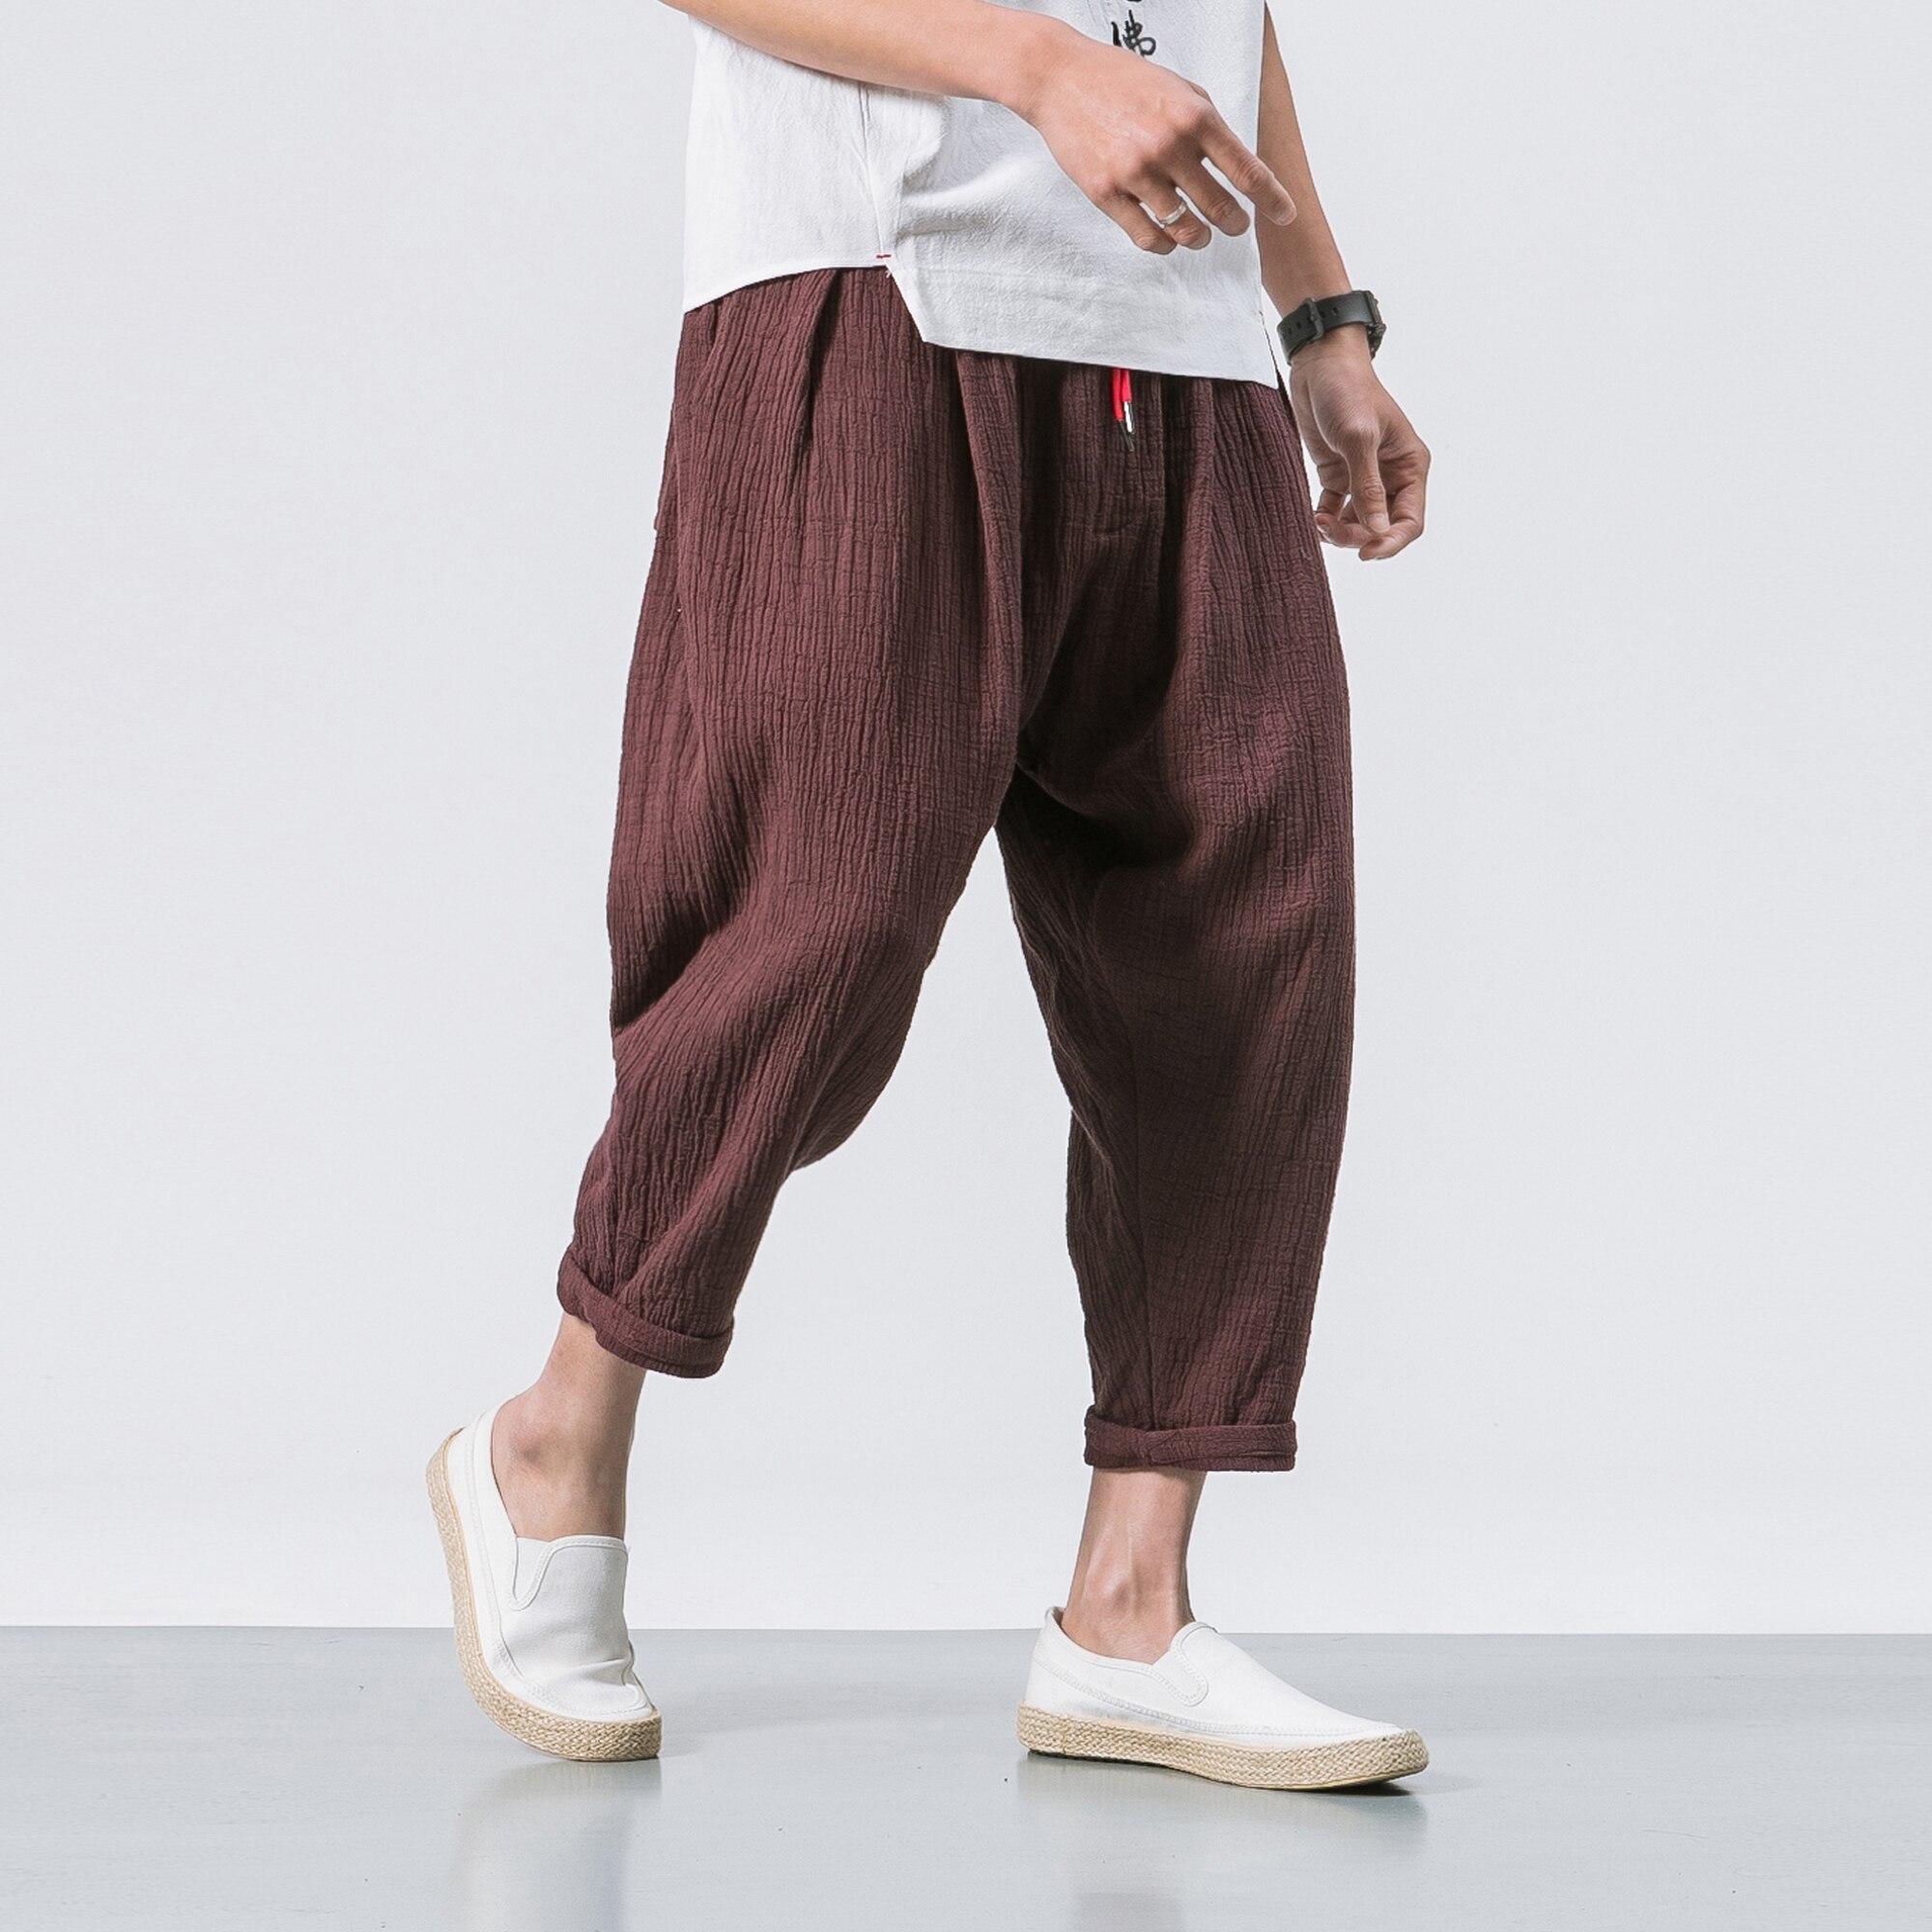 Mens summer loose cotton linen breathable shorts casual pants trousers plus sz